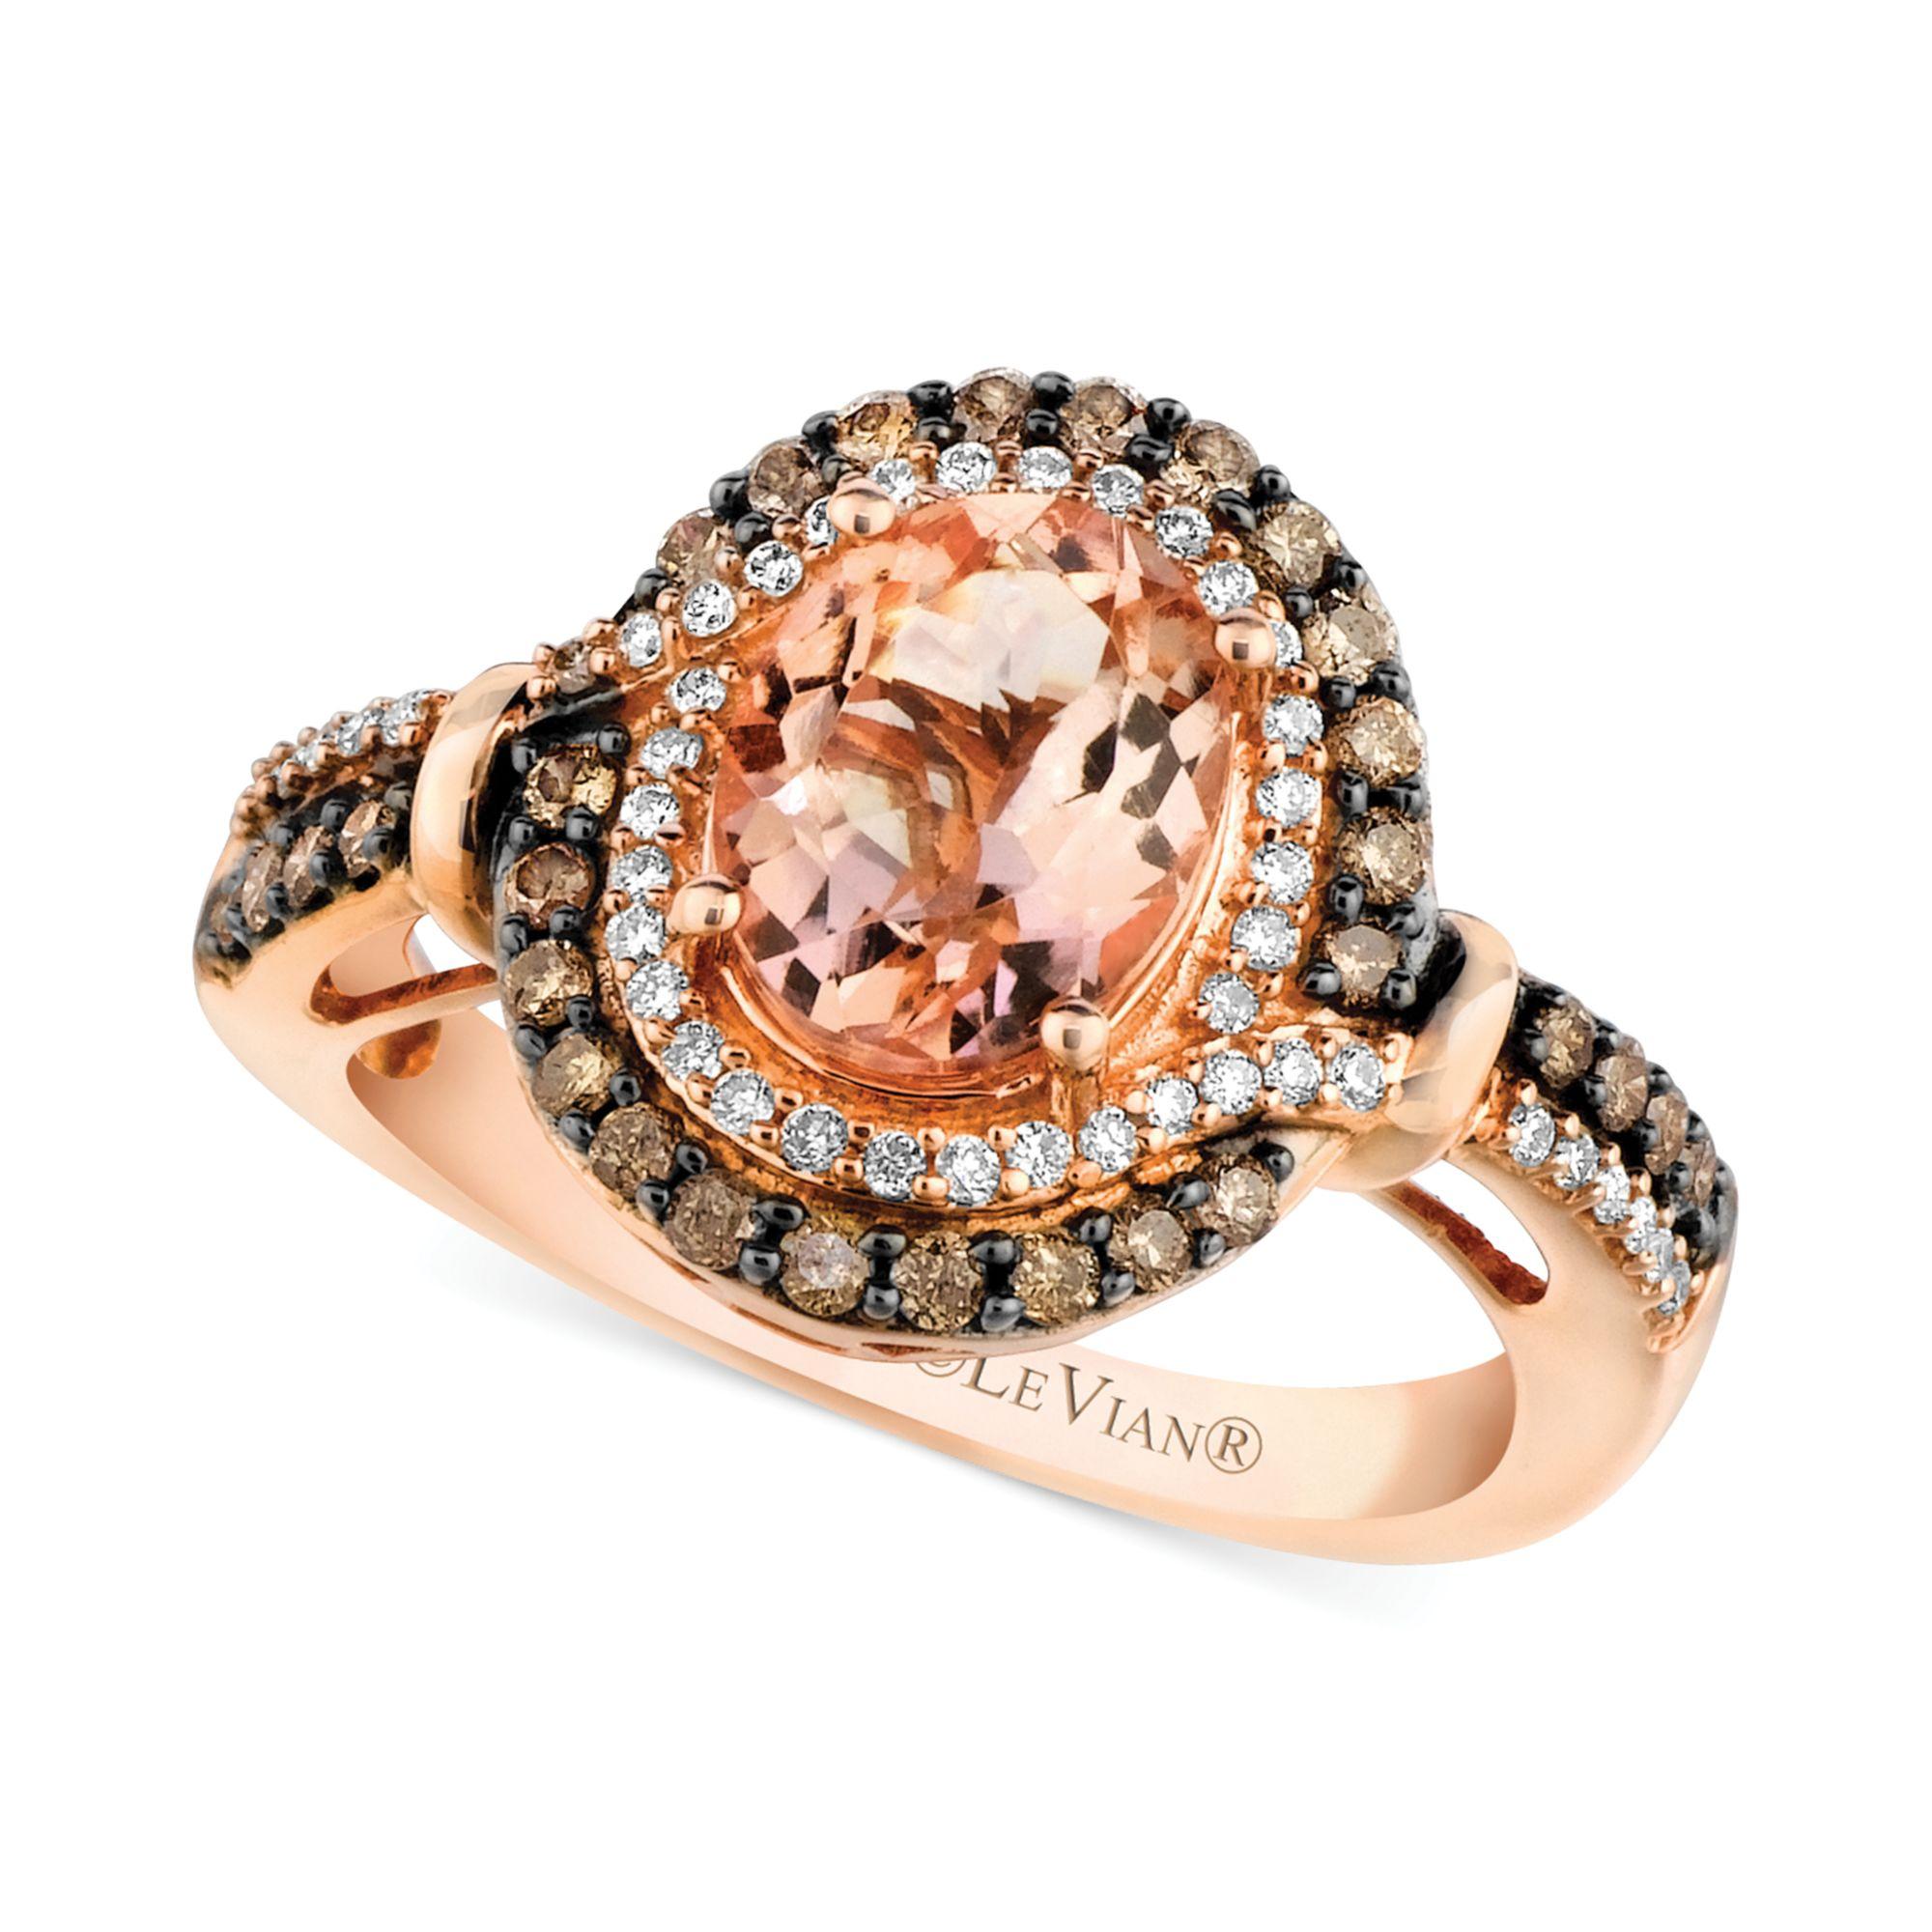 Le vian Morganite 1 3 8 Ct T w And Diamond 1 2 Ct T w Ring